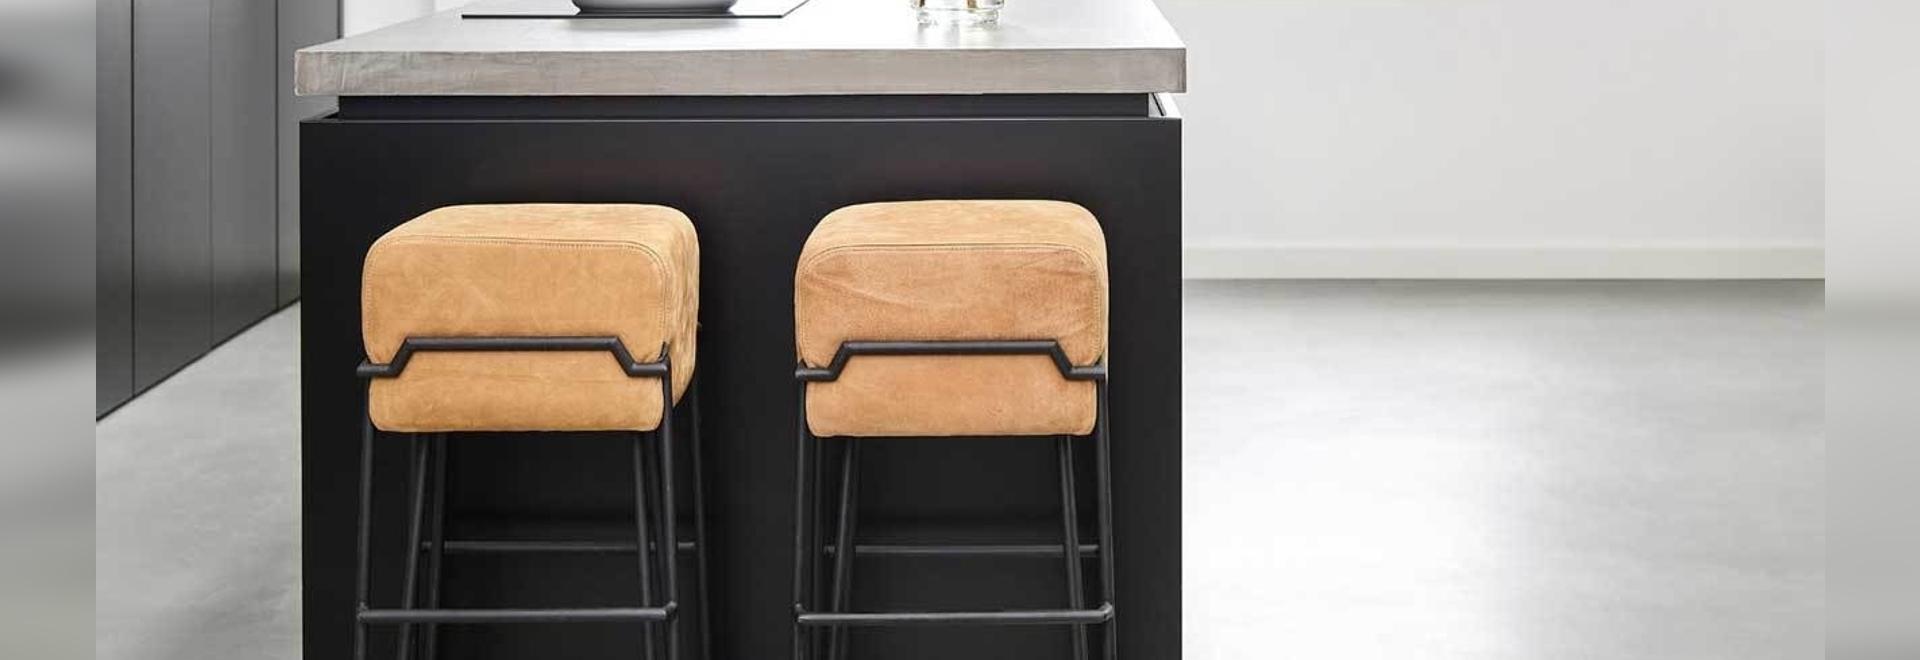 6 sgabelli da bar moderni che attireranno la tua famiglia lontano dalla TV per la cena